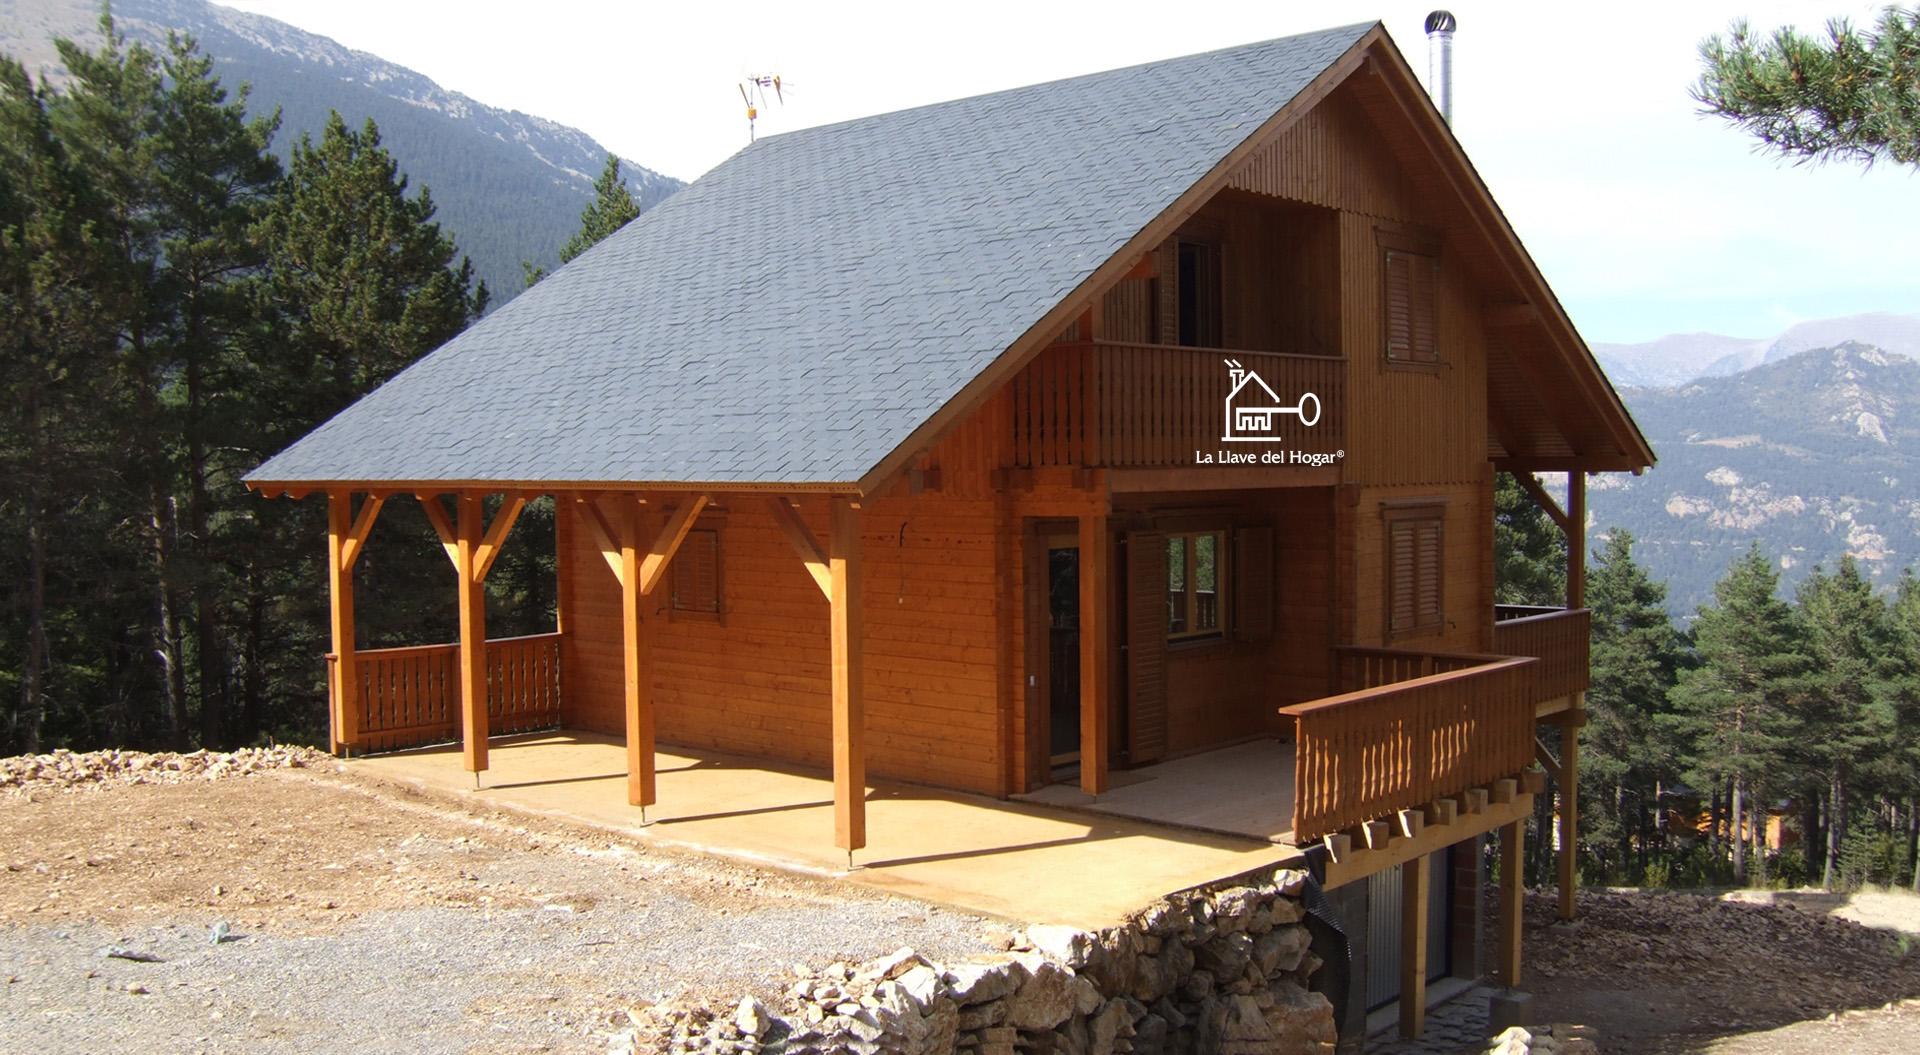 Pirineos 160m² - Casas de madera la llave del hogar